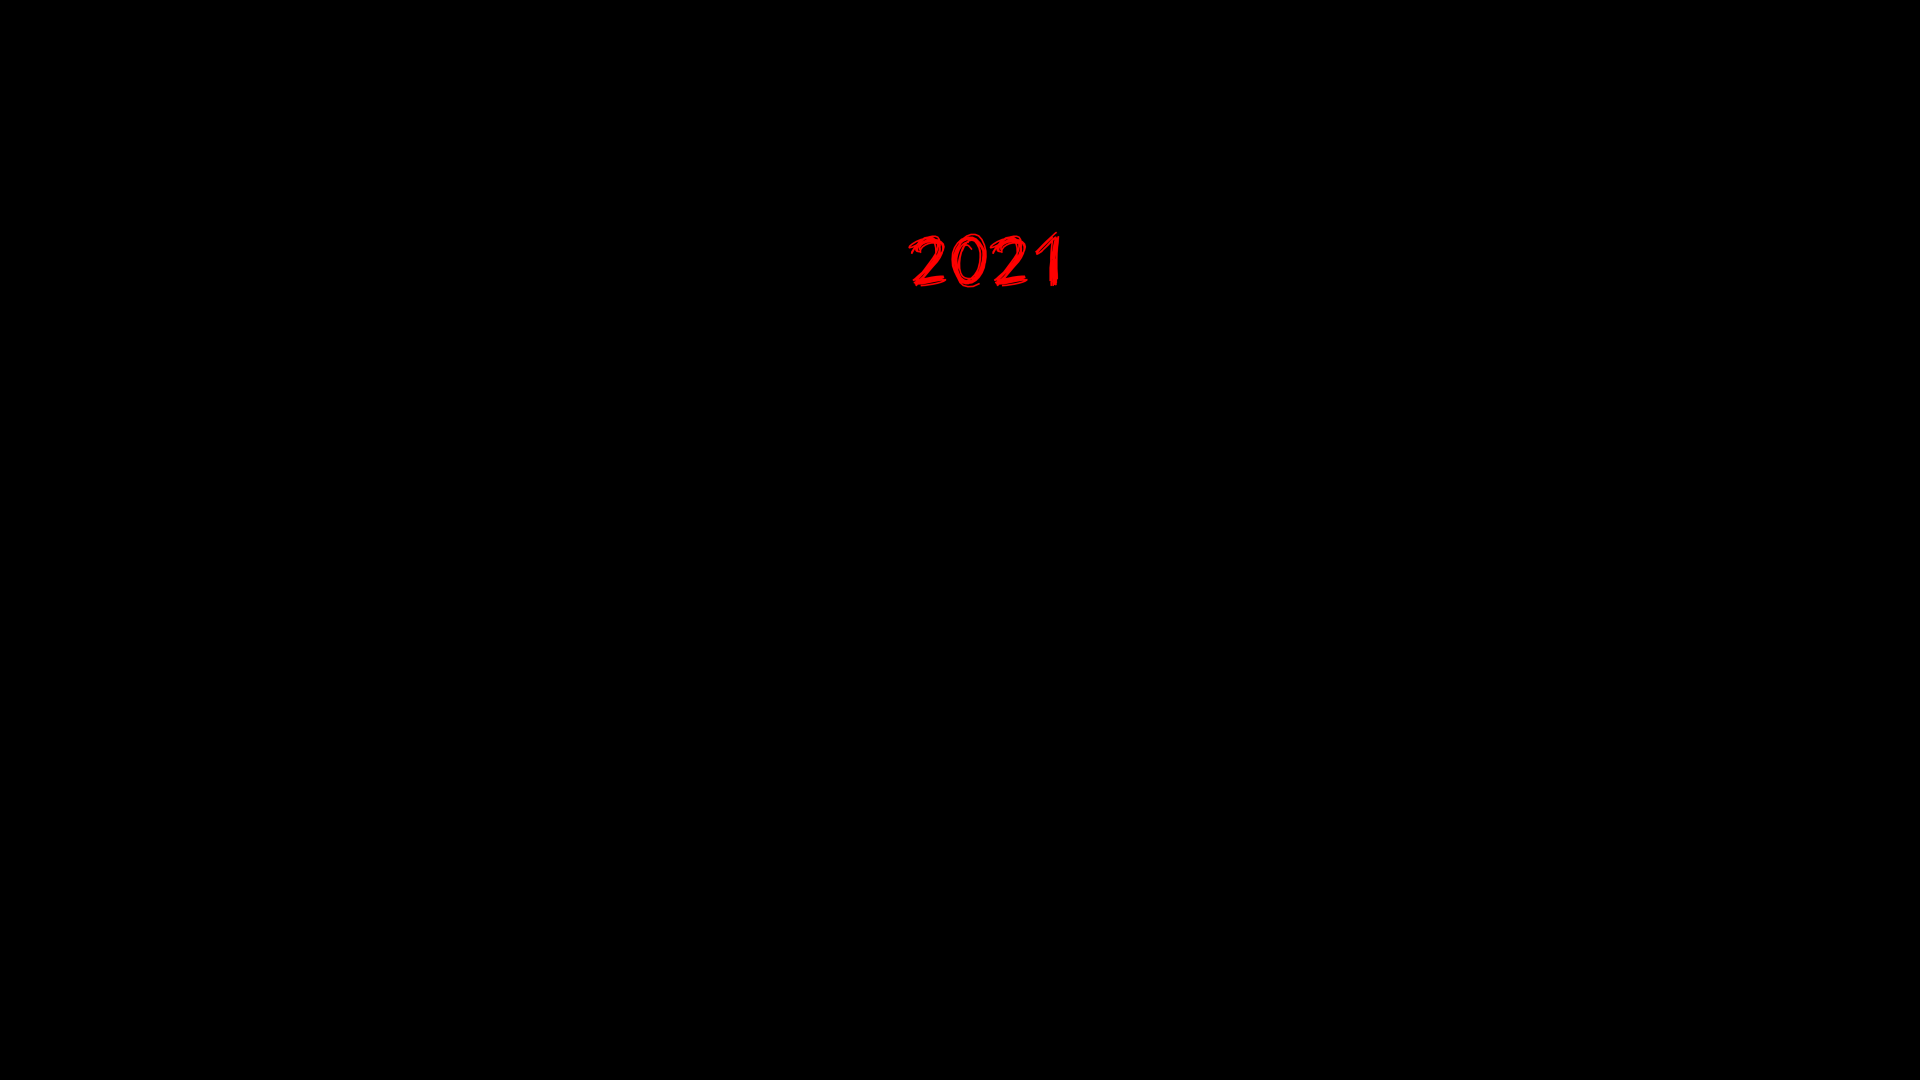 2021 in Herzlich Willkommen